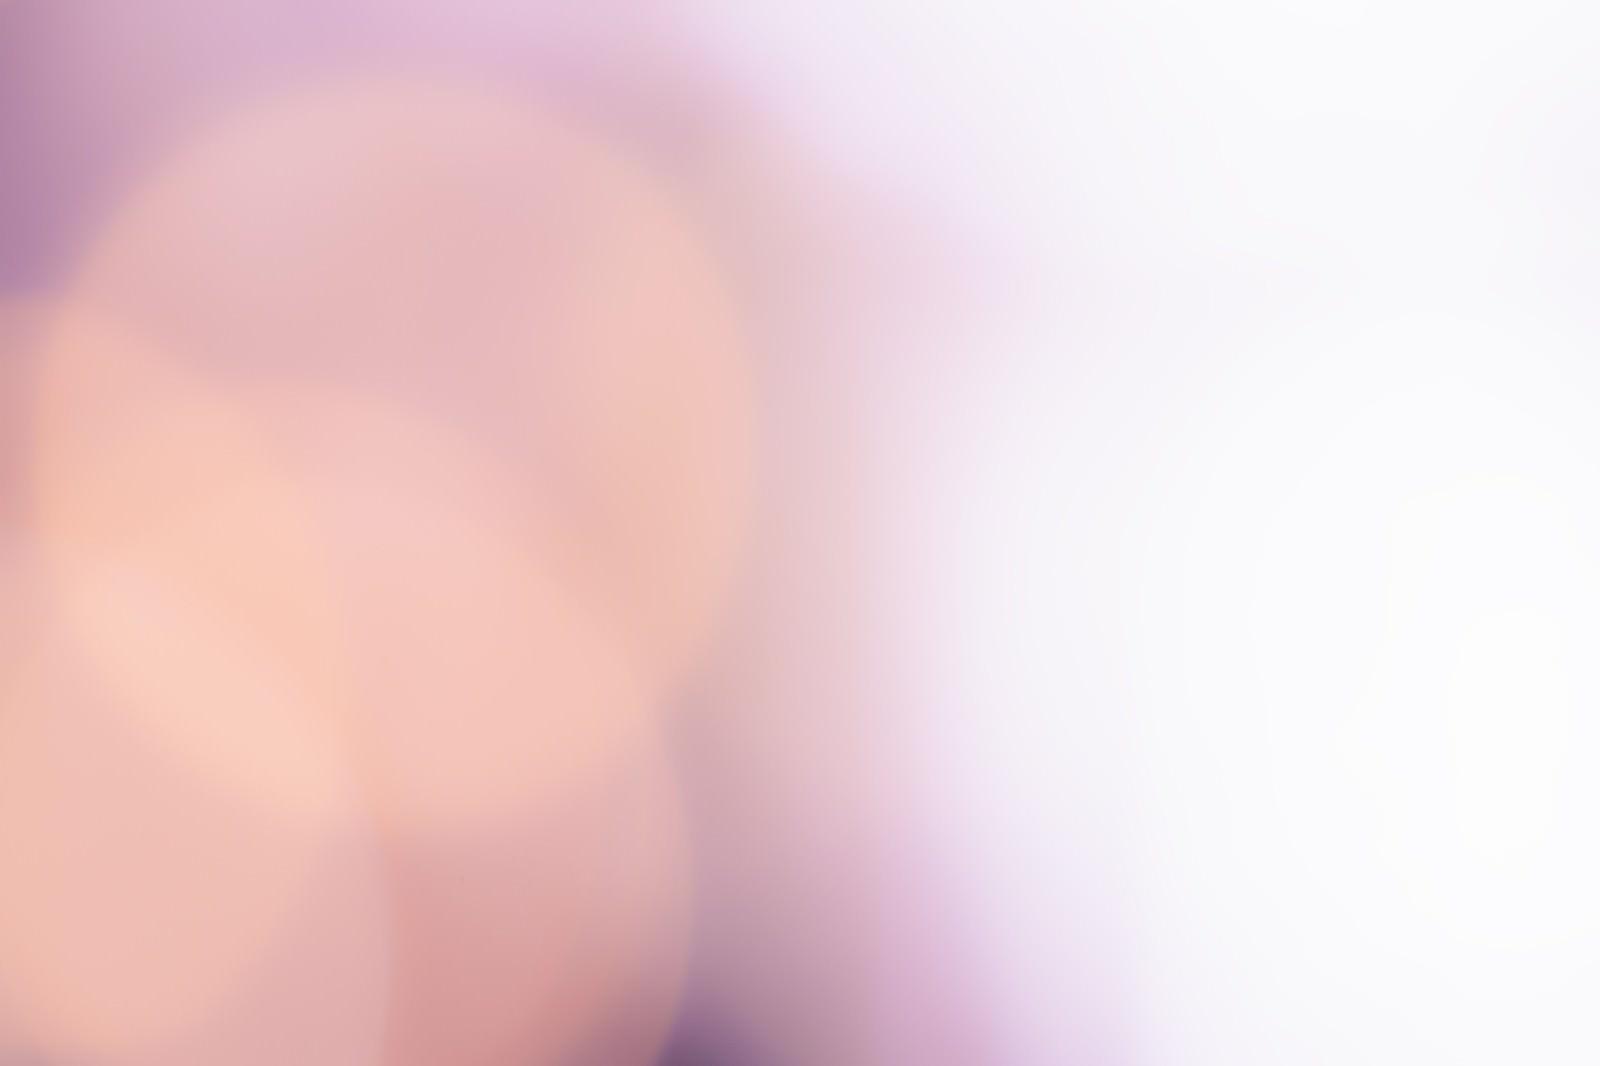 「あふれる白い光」の写真